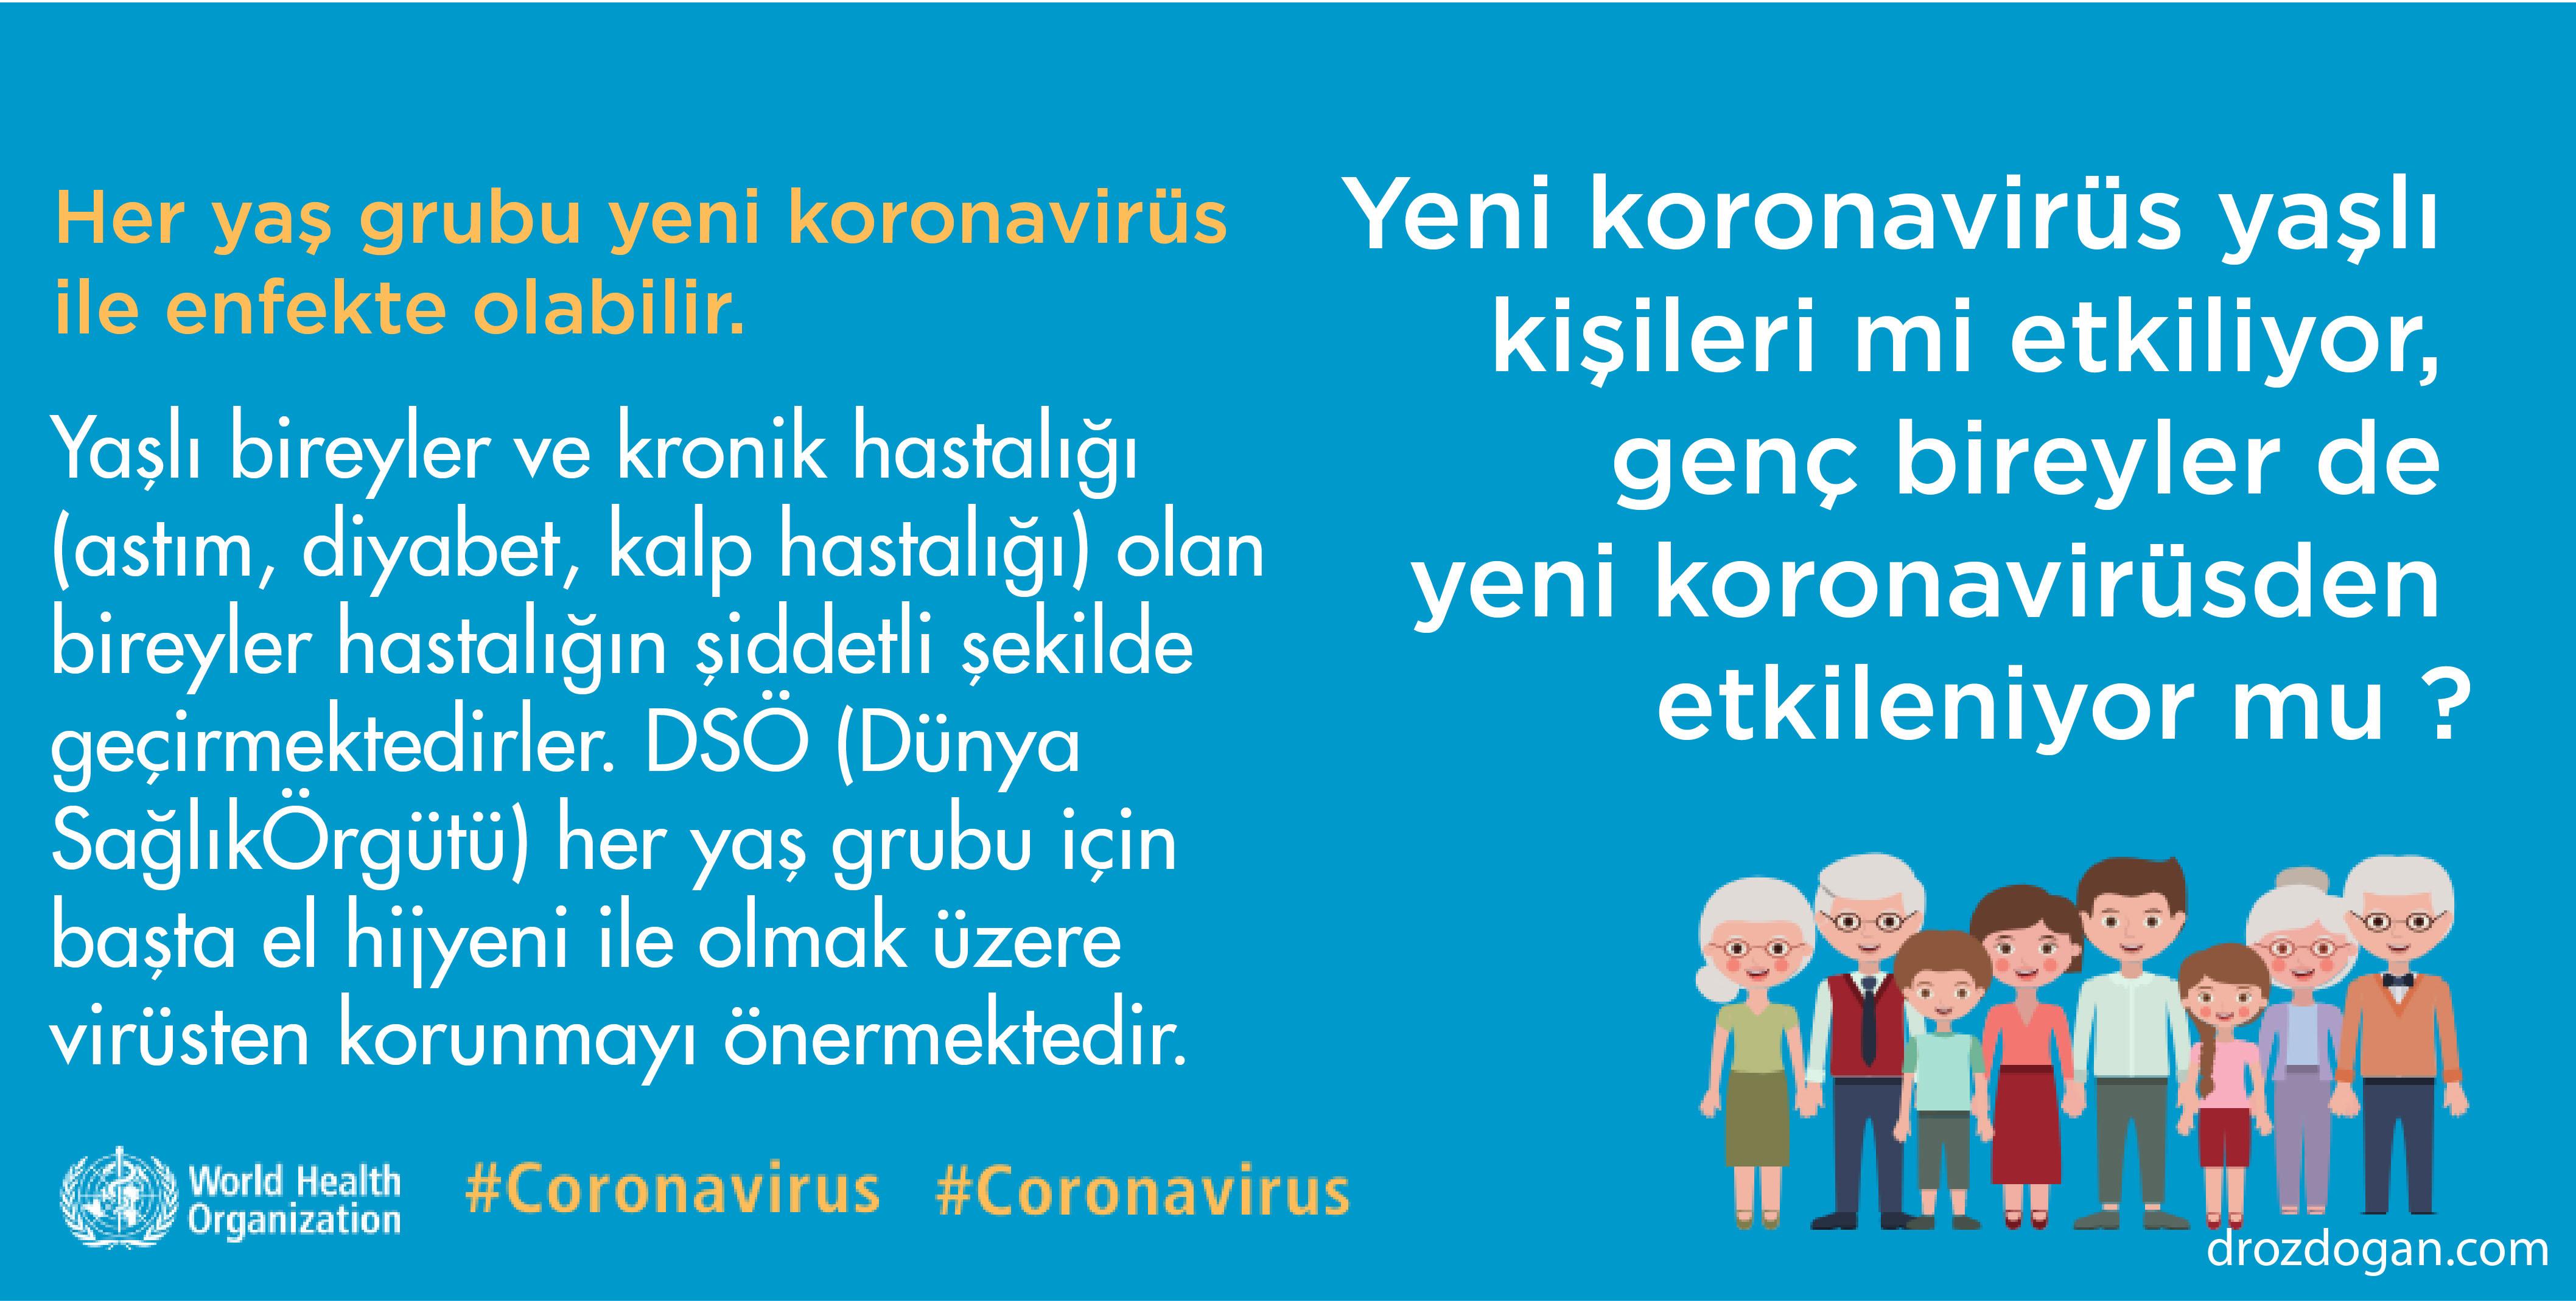 yeni koronavirüs sadece yaşlıları mı etkiler